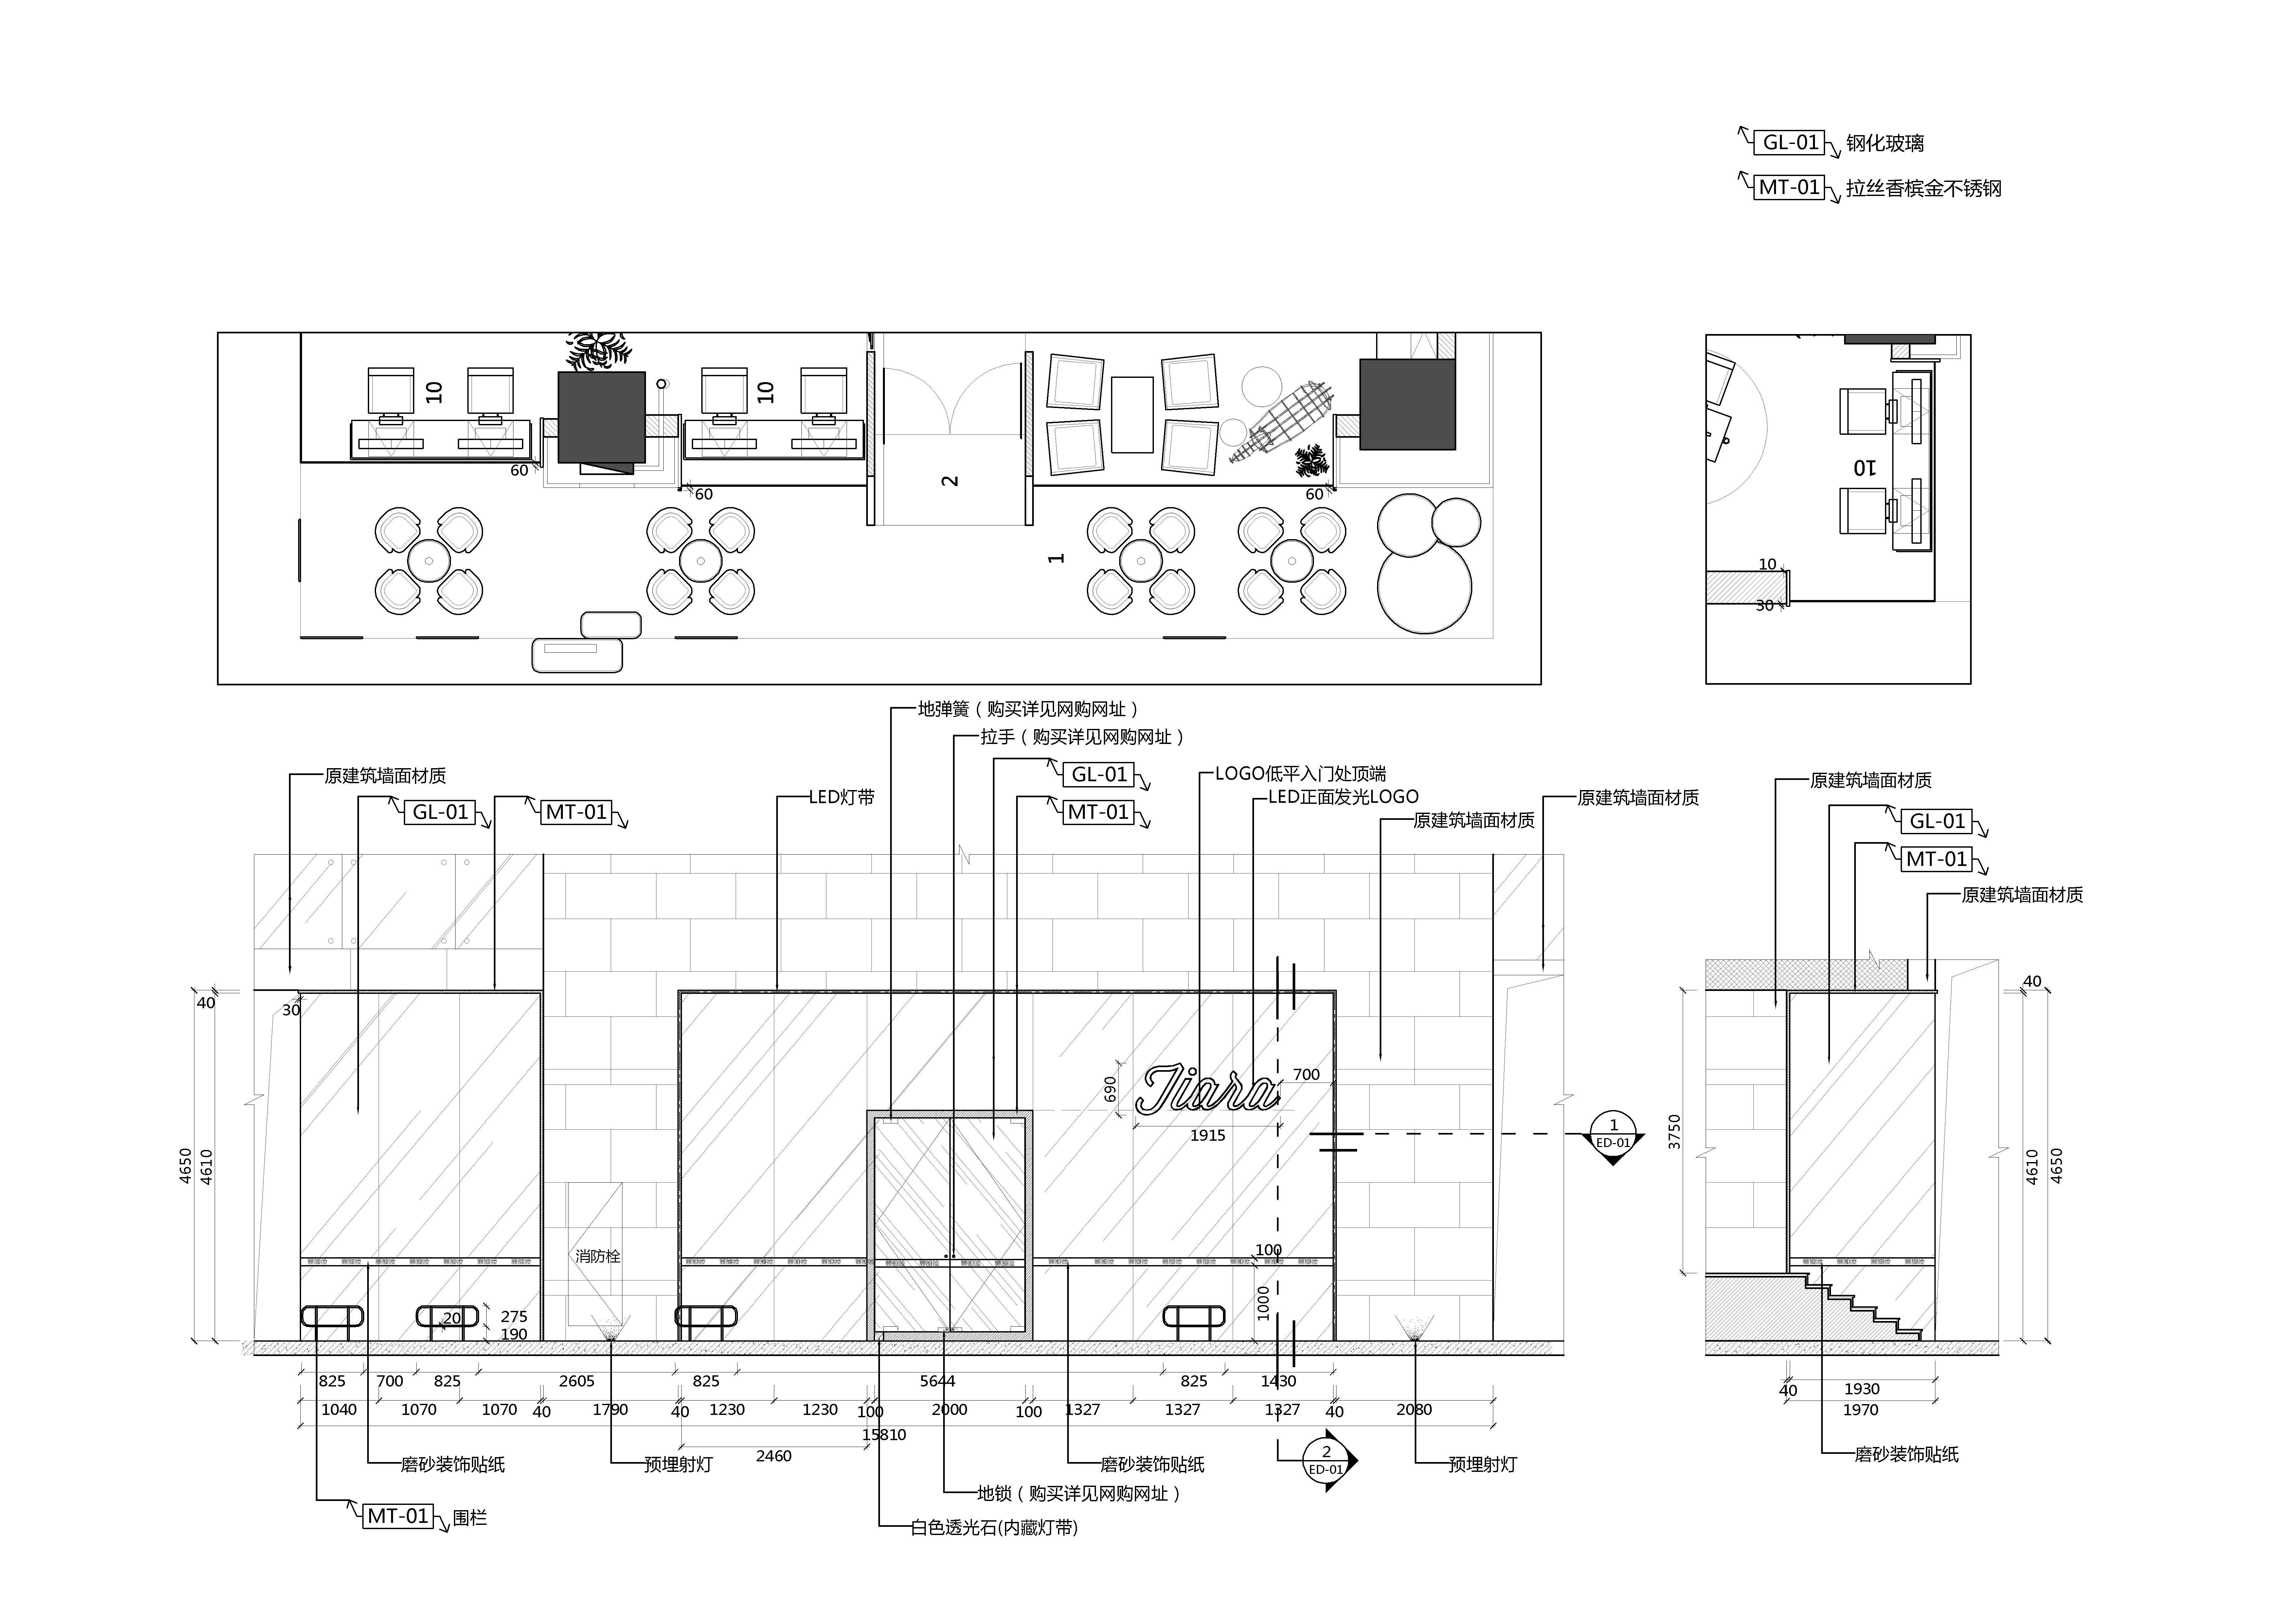 溶合- 商業空間 - 第5頁 - 張建武設計作品案例